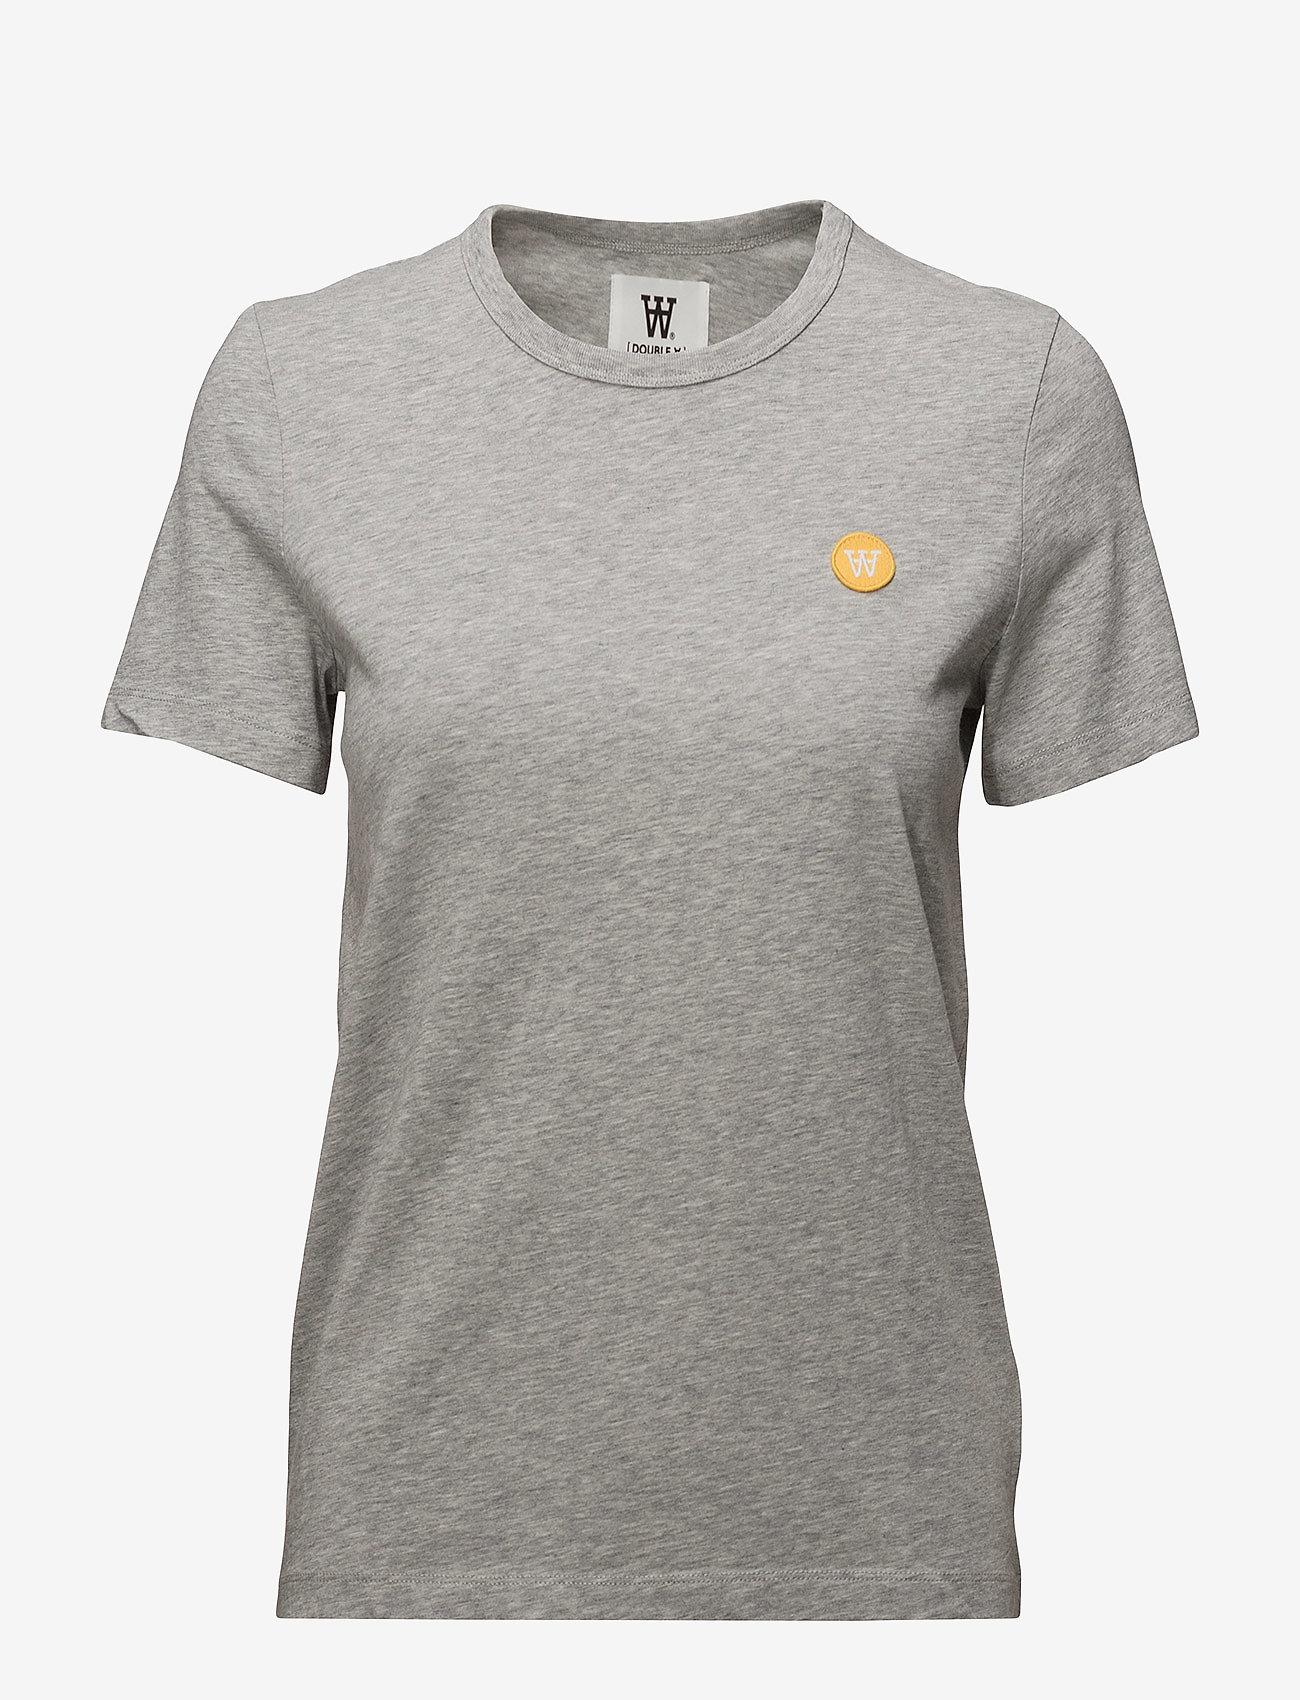 Wood Wood - Uma T-shirt - t-shirts - grey melange - 0